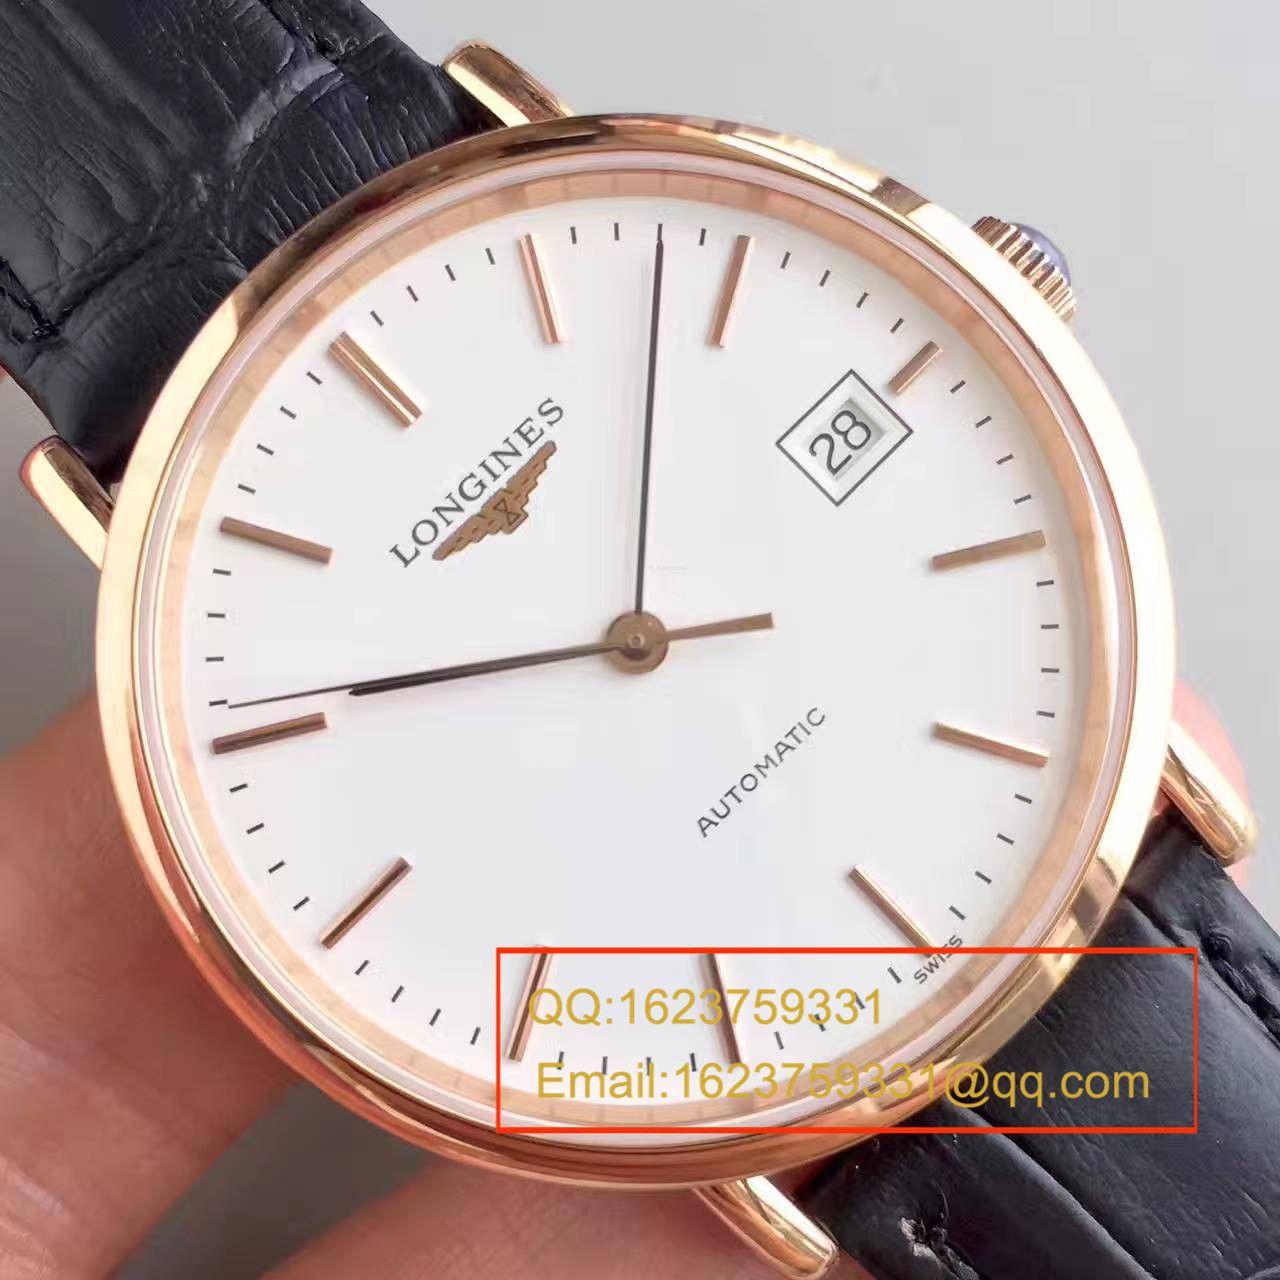 【台湾厂1:1超A精仿手表】浪琴博雅系列L4.787.8.12.0腕表 / L089